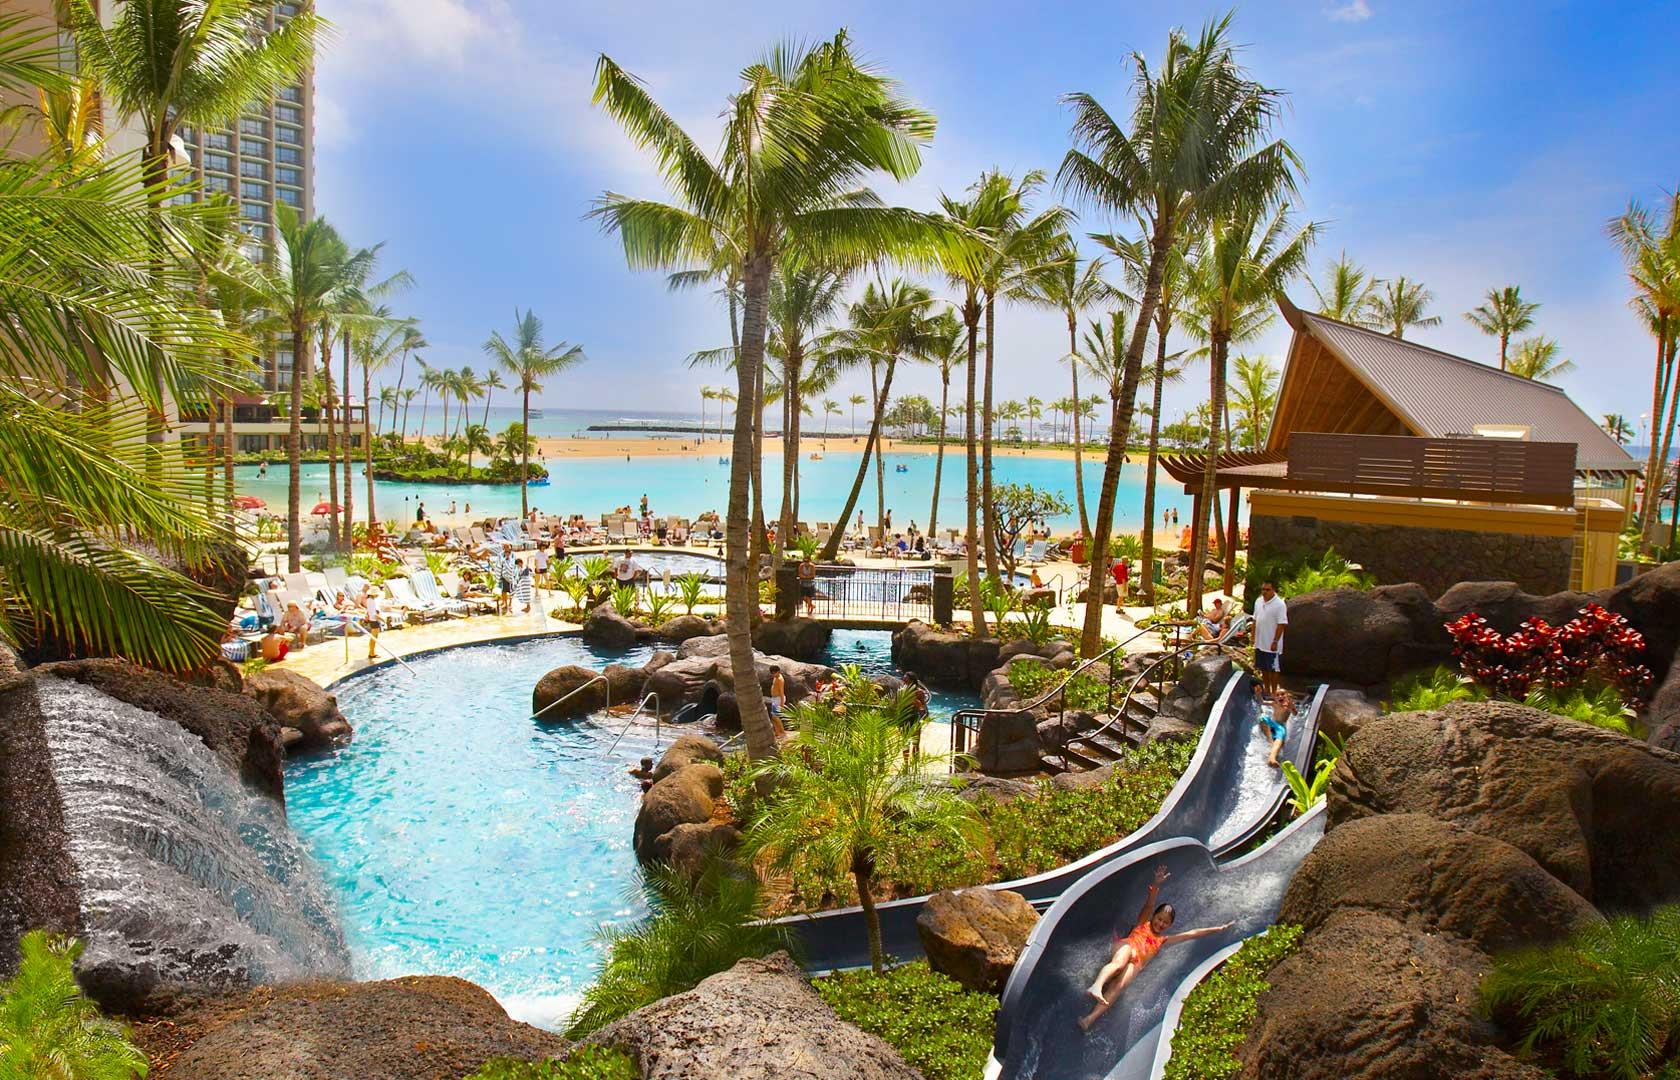 7 Most Kid Friendly Resort Getaways